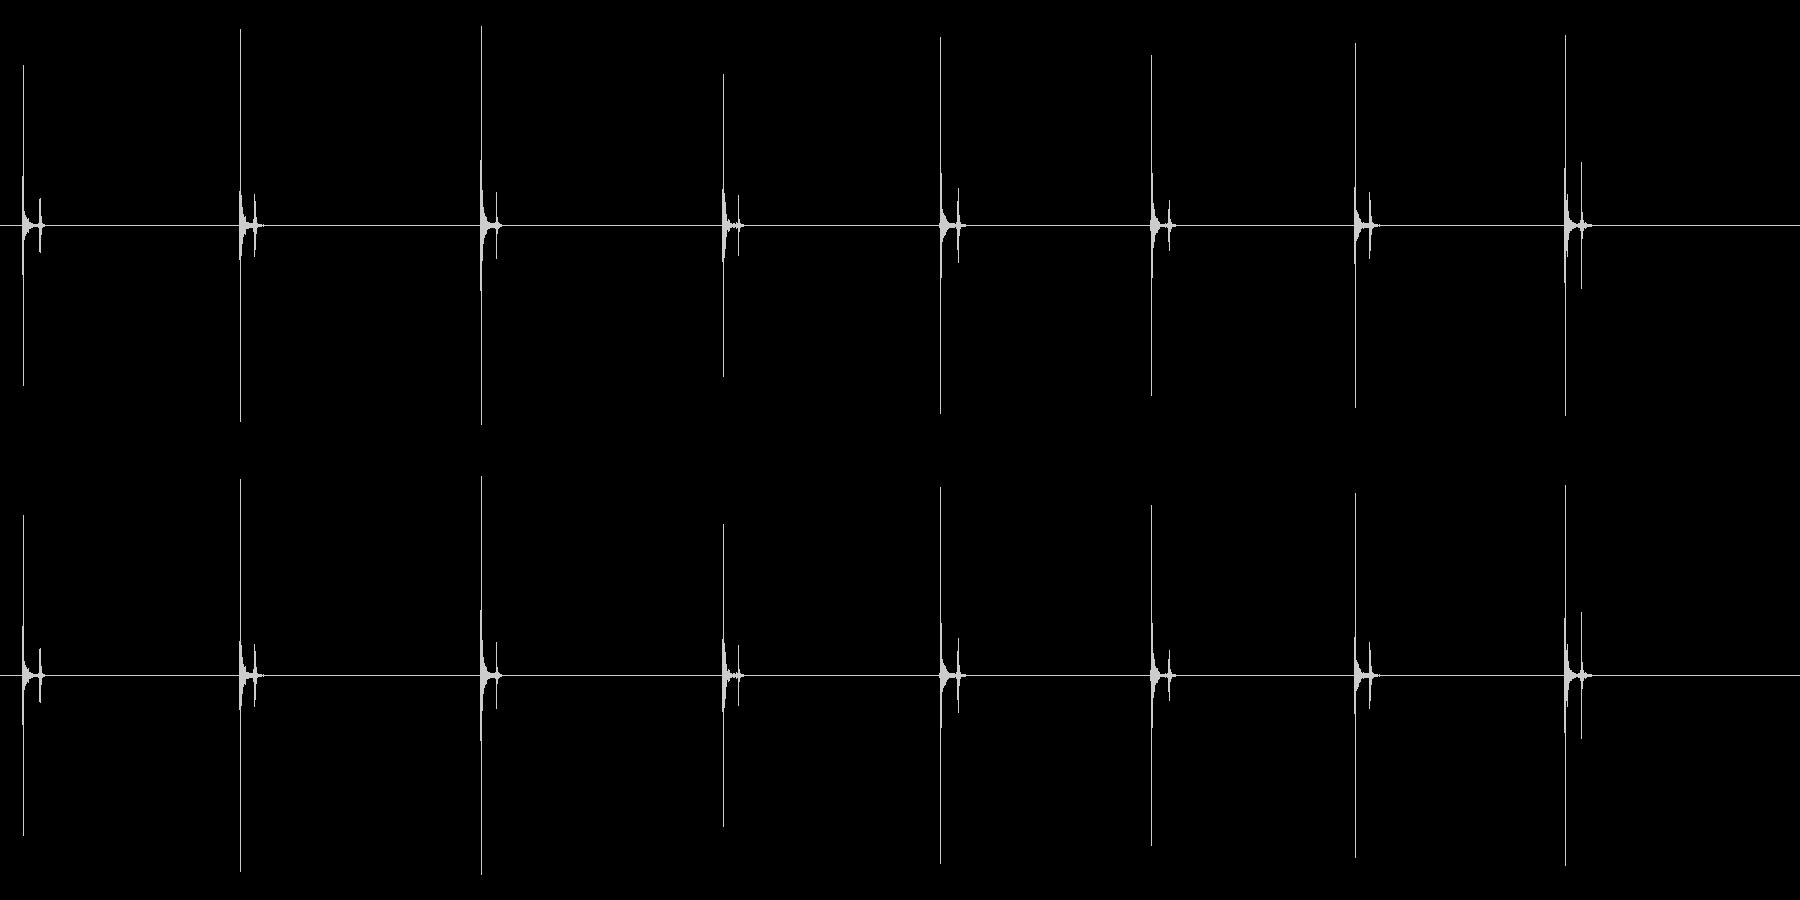 PC キーボード06-05(単発 強)の未再生の波形